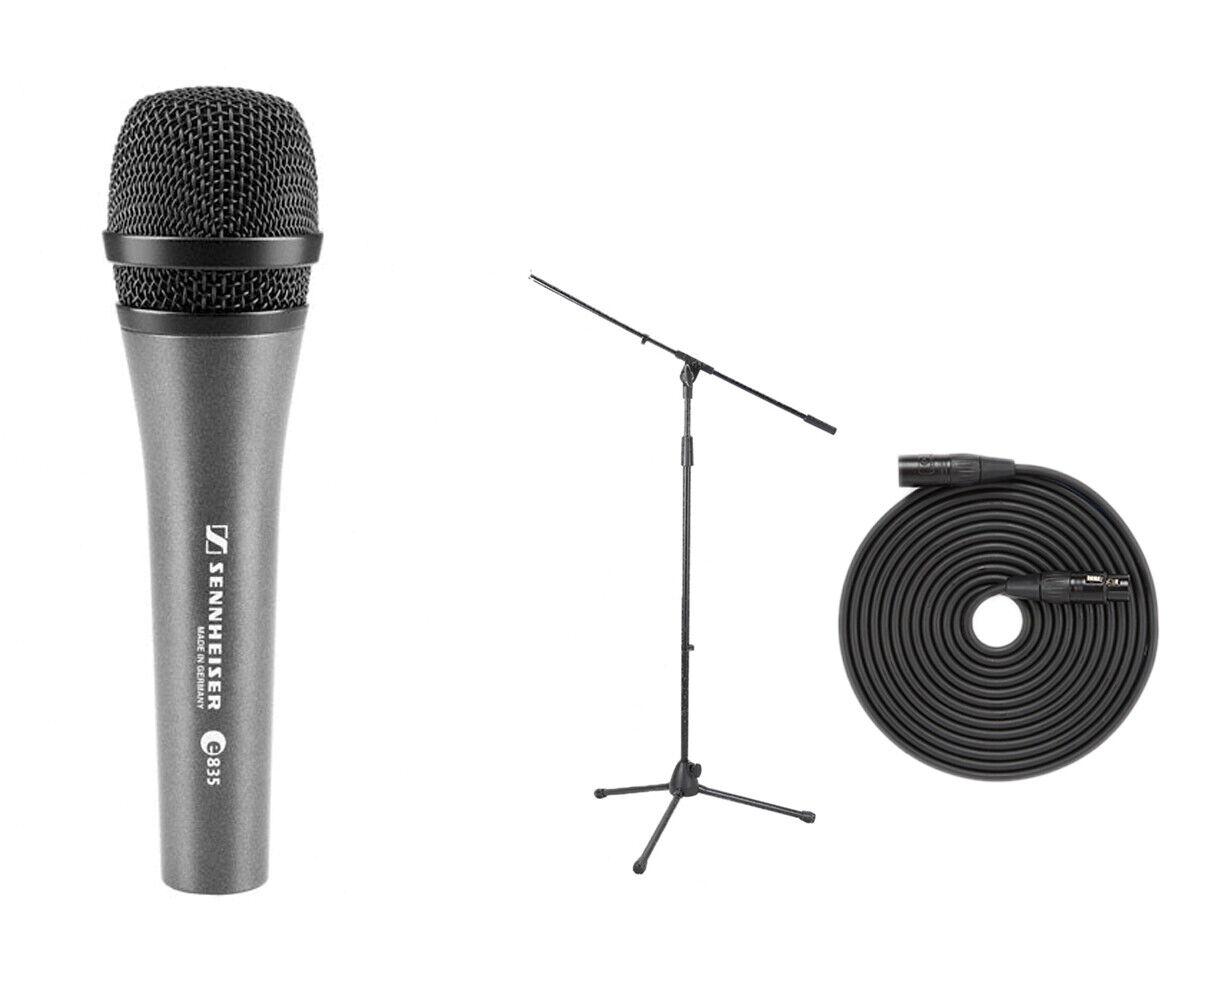 Sennheiser E 835 Cardioid Dynamic Vocal Microphone + Mic Stand + 18' XLR